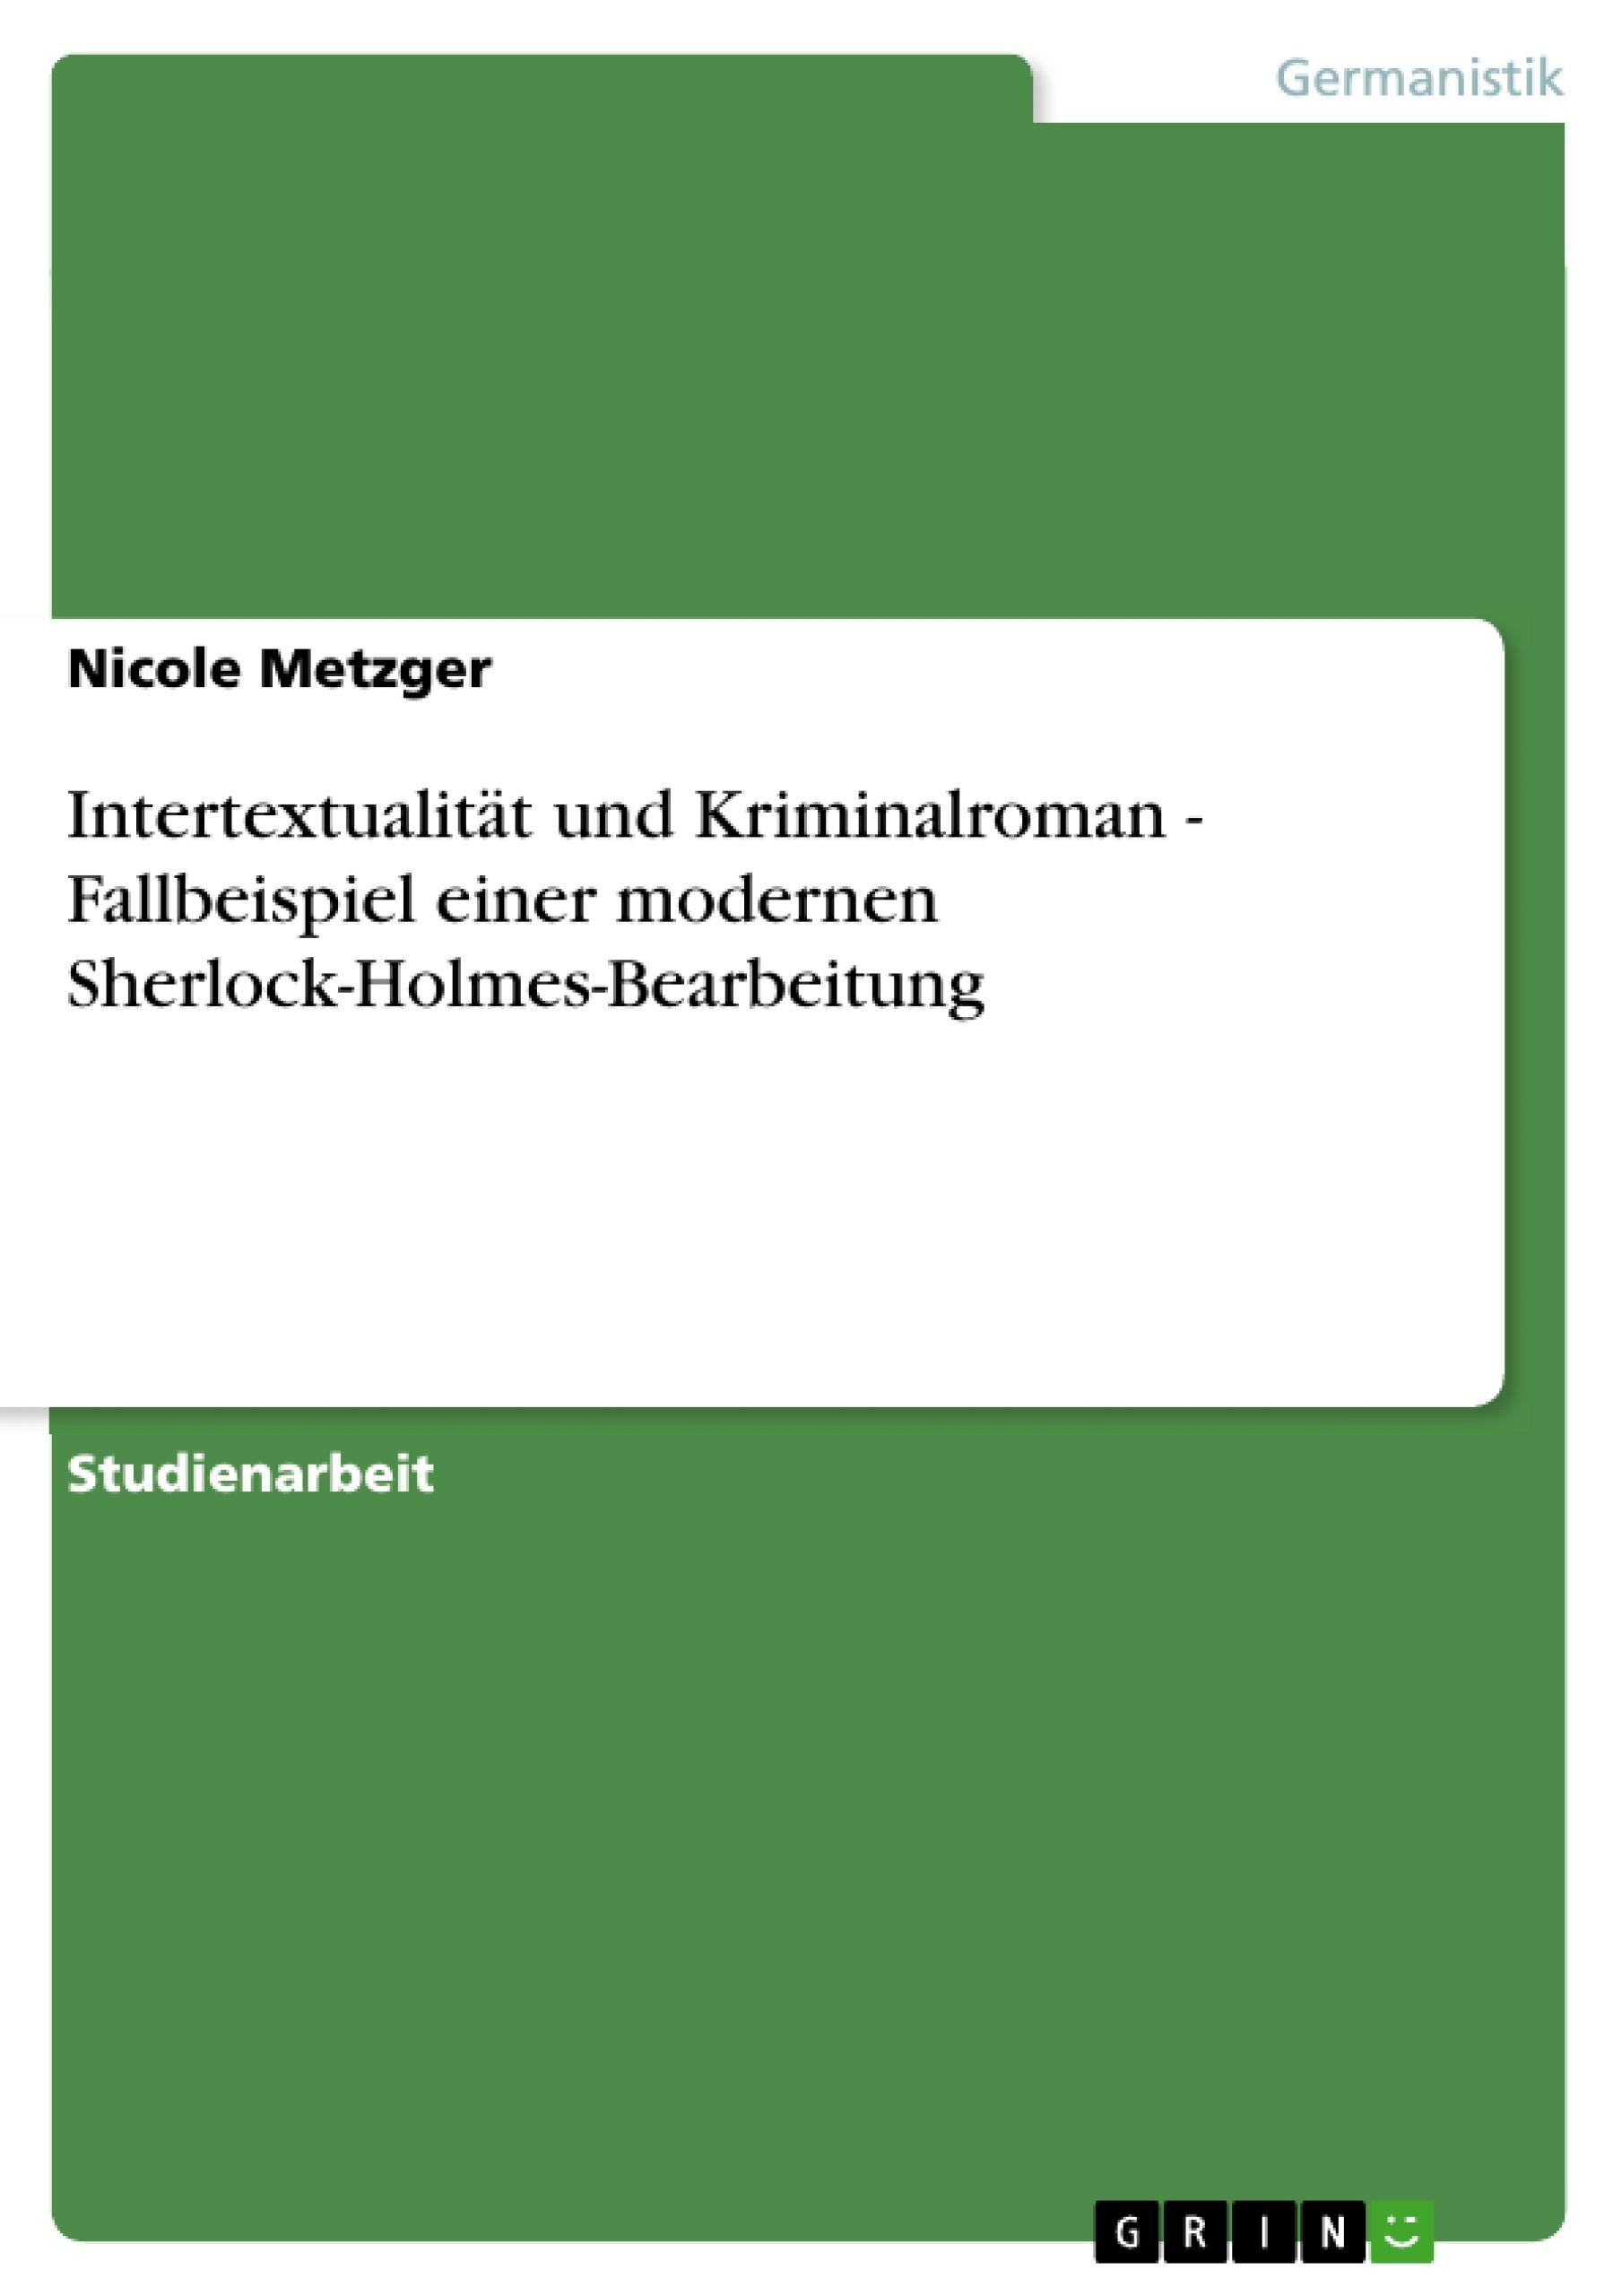 Titel: Intertextualität und Kriminalroman - Fallbeispiel einer modernen Sherlock-Holmes-Bearbeitung